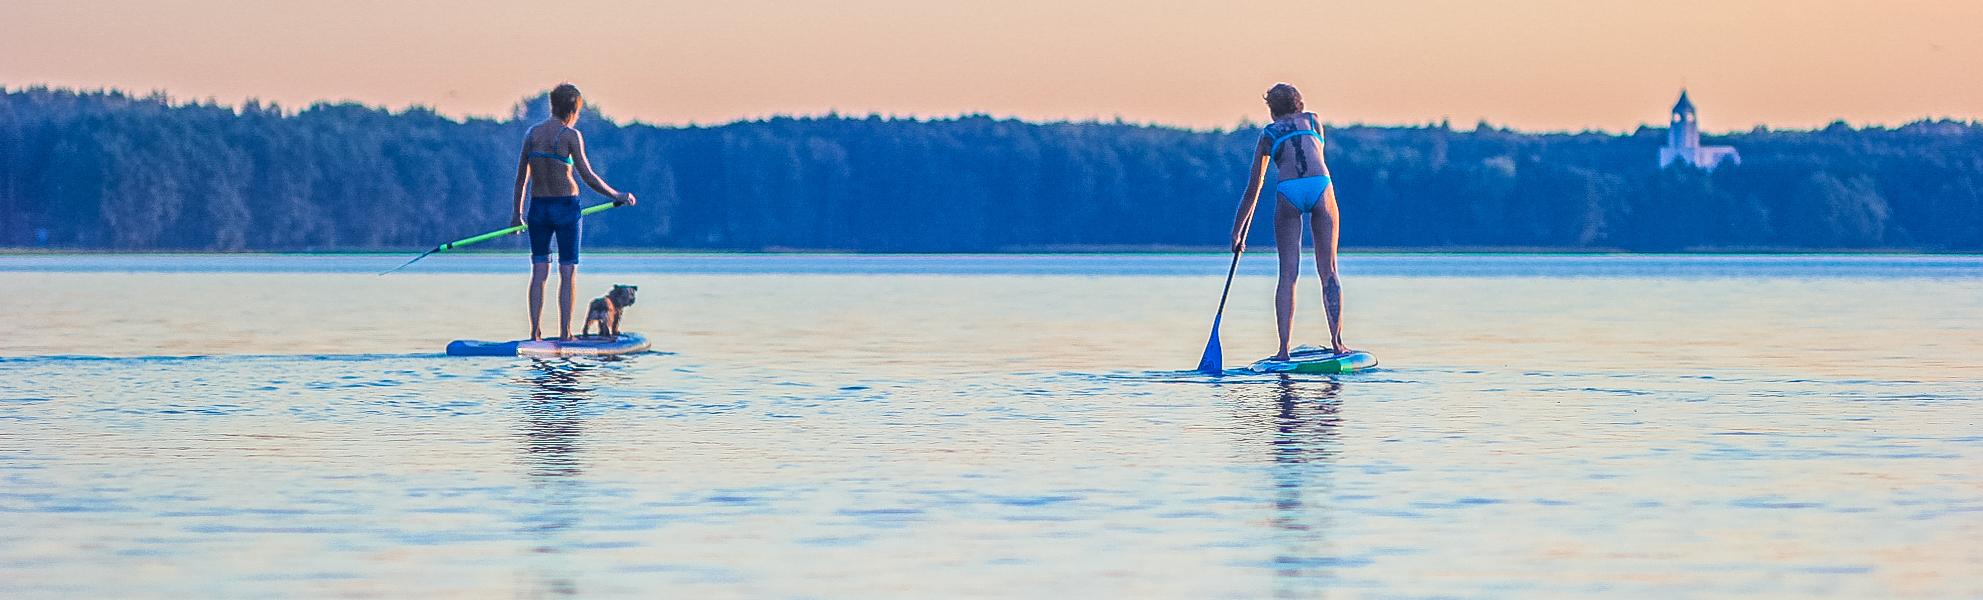 Irklenciu marsrutas, Dusios ezeras, Dusia, Kryziu sventove